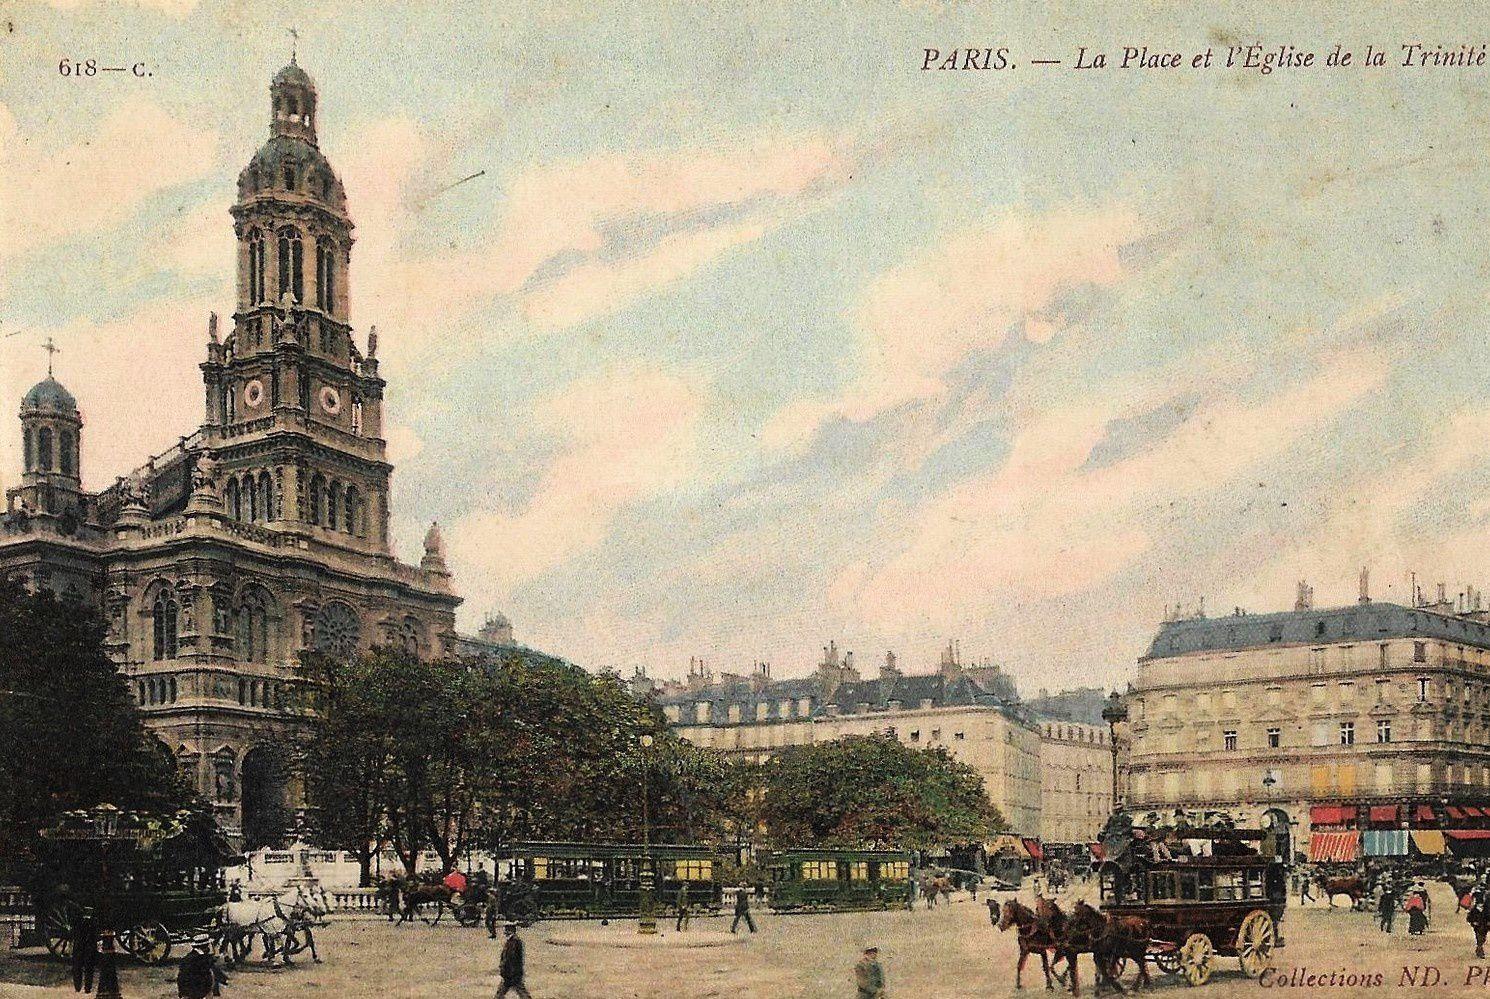 Rue Ballu. Histoire, architecture. Blémont, Jarry, Dumas, Zola, Degas, le Père Enfantin, Lily boulanger....